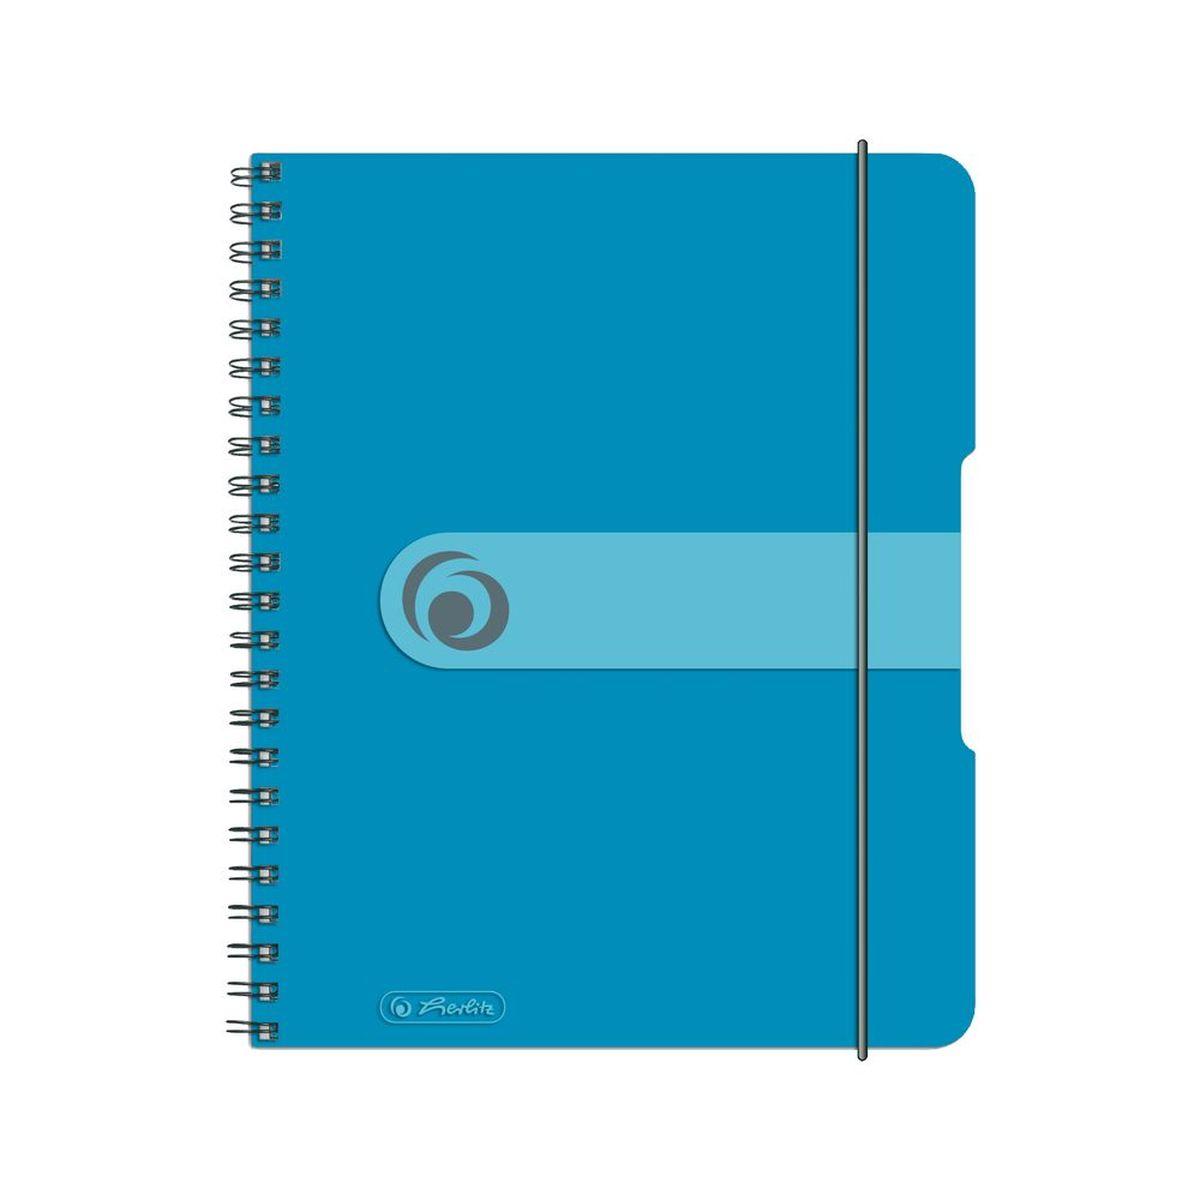 Herlitz Блокнот Easy Orga To Go 80 листов в клетку формат А5 цвет голубой11293800Удобный блокнот от Herlitz Easy Orga To Go - незаменимый атрибут современного человека, необходимый для рабочих или школьных записей.Блокнот содержит 80 листов формата А5 в клетку без полей. Обложка выполнена из качественного полипропилена. Внутренний спиральный блок изготовлен из металла и гарантирует надежное крепление листов. Блокнот имеет закругленные углы и нежный дизайн бордового цвета.Блокнот для записей от Herlitz Easy Orga To Go станет достойным аксессуаром среди ваших канцелярских принадлежностей. Это отличный подарок как коллеге или деловому партнеру, так и близким людям.